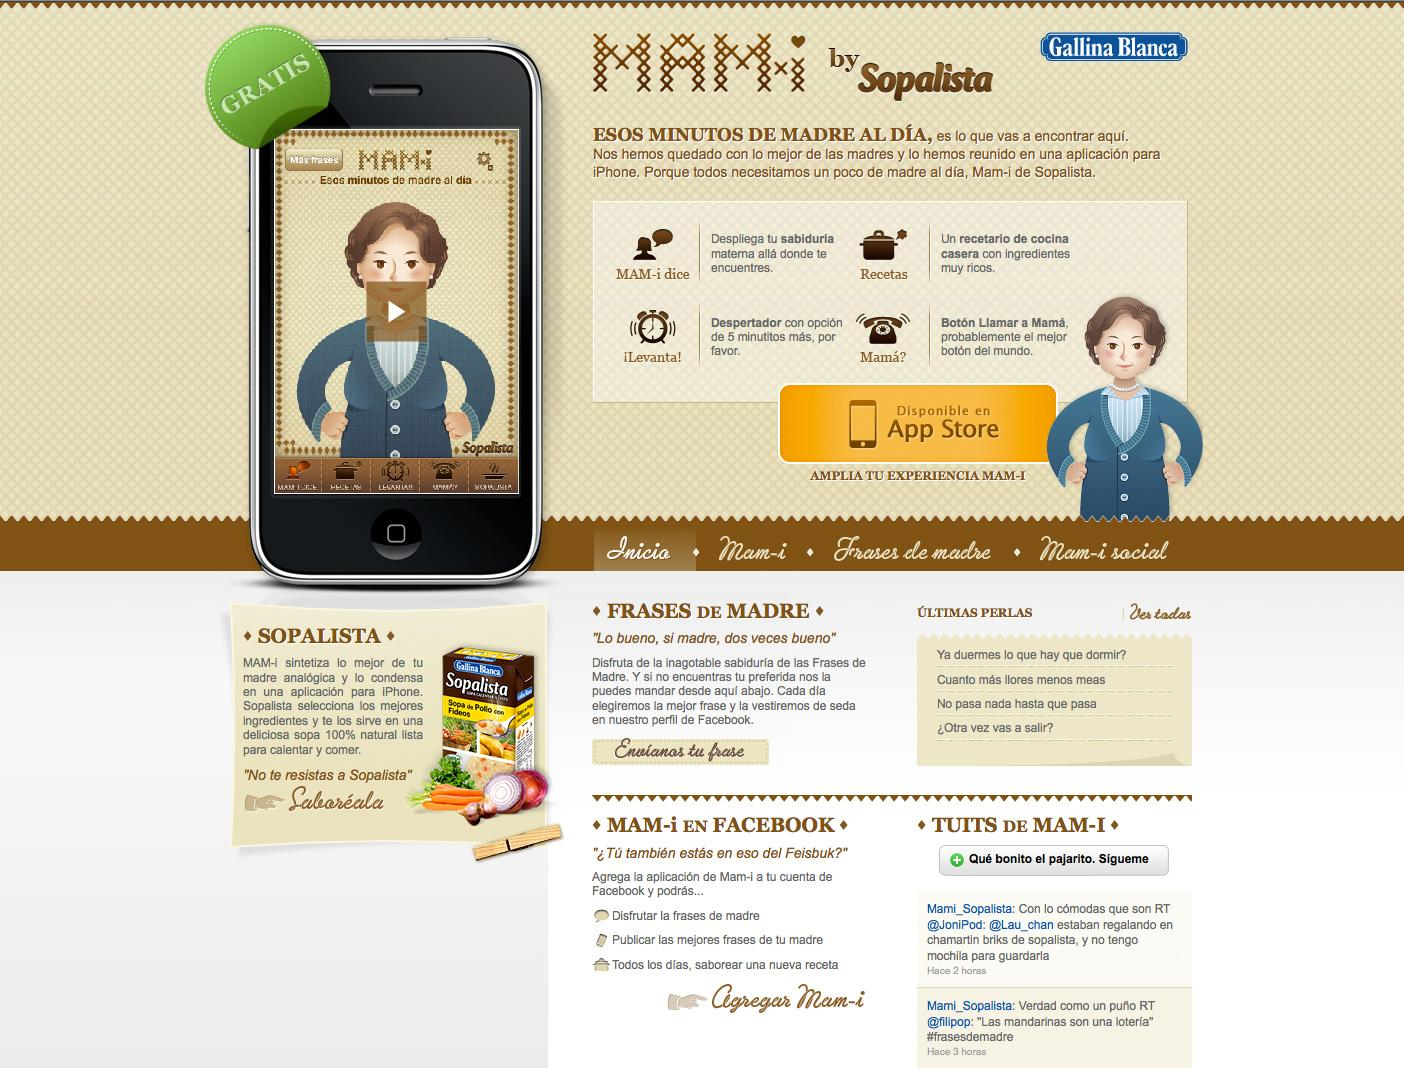 Gallina Blanca Digital Ad -  Mam-I by Sopalista